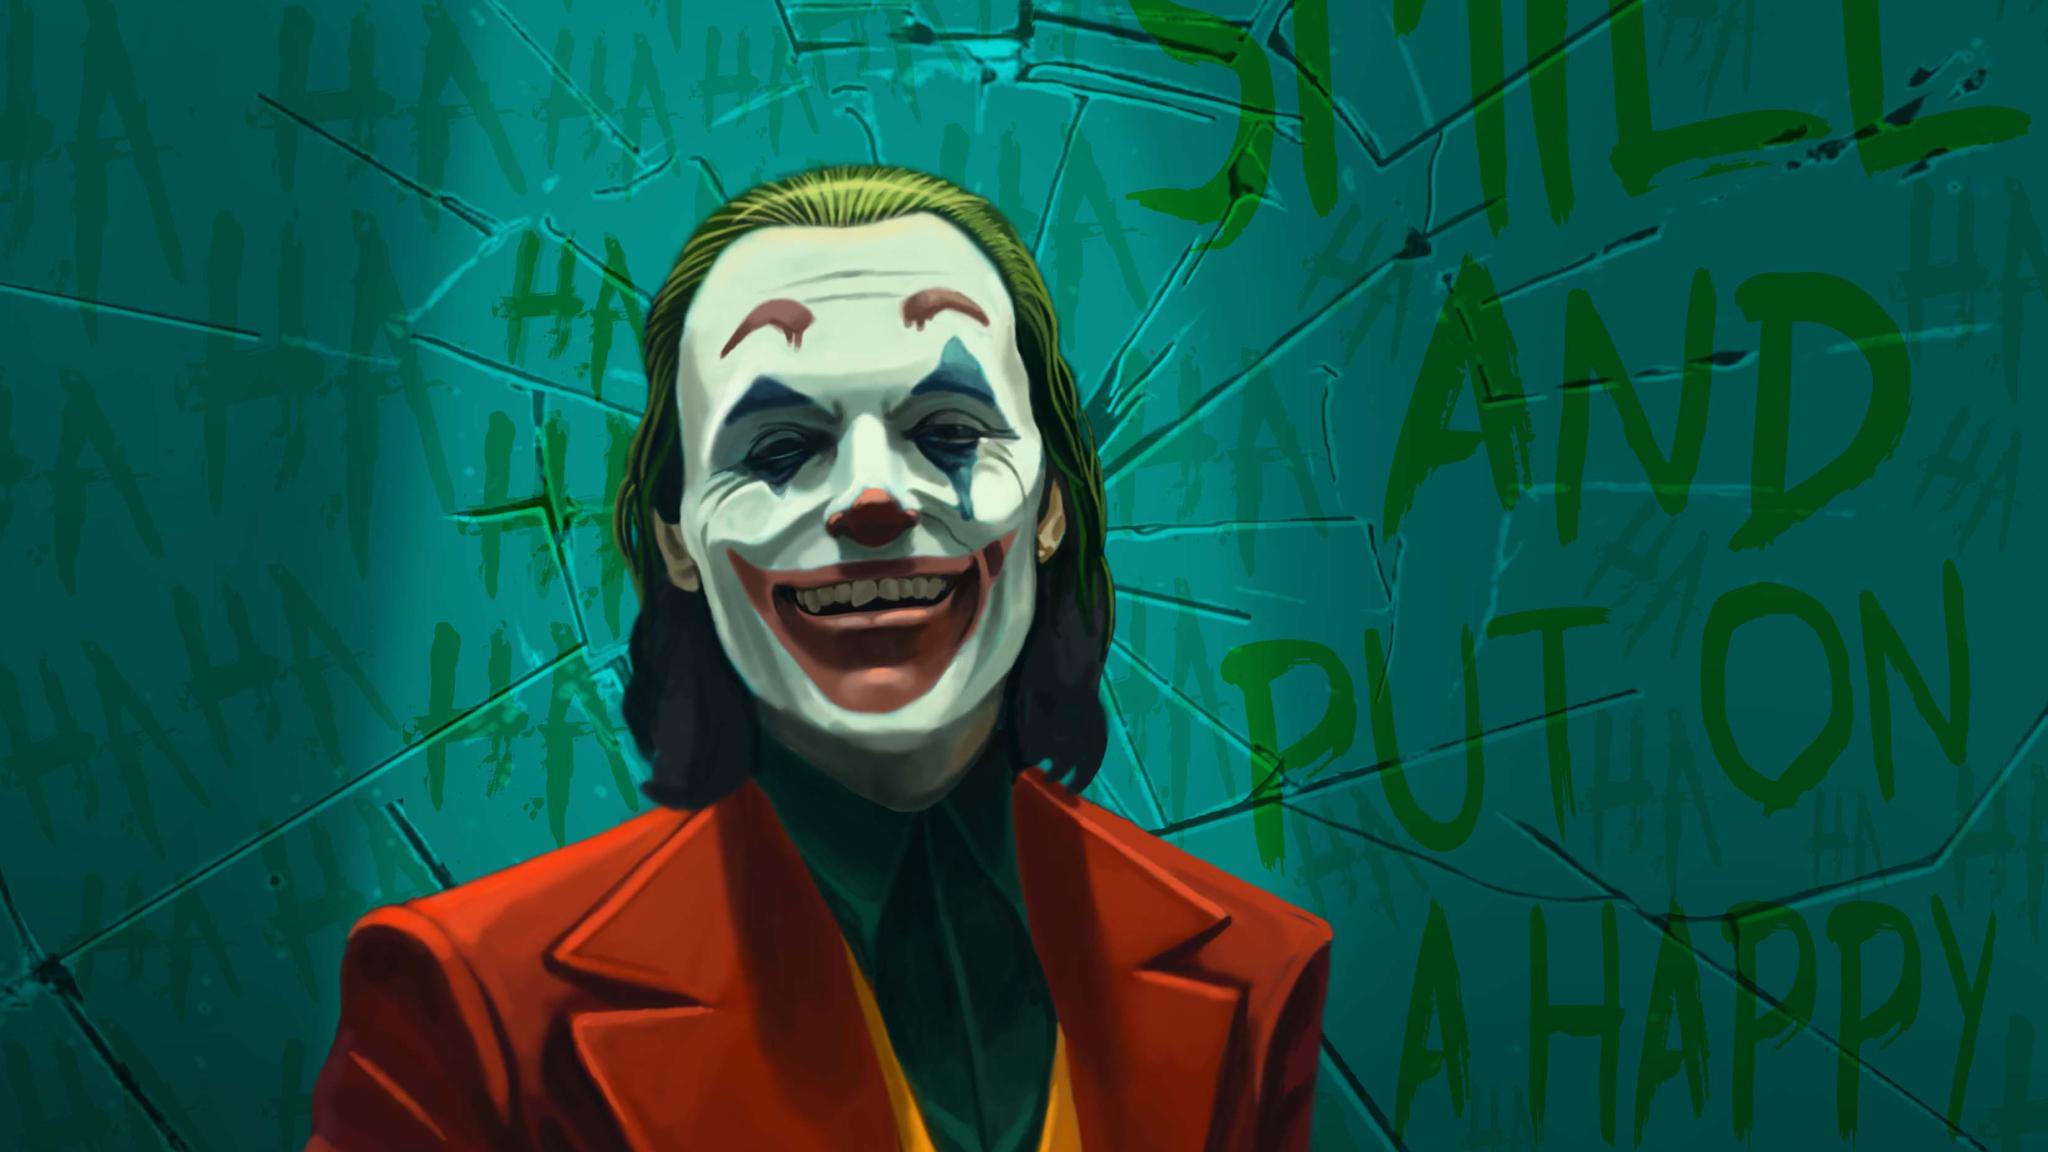 2048x1152 Joker Hahaha 2048x1152 Resolution Wallpaper, HD ...